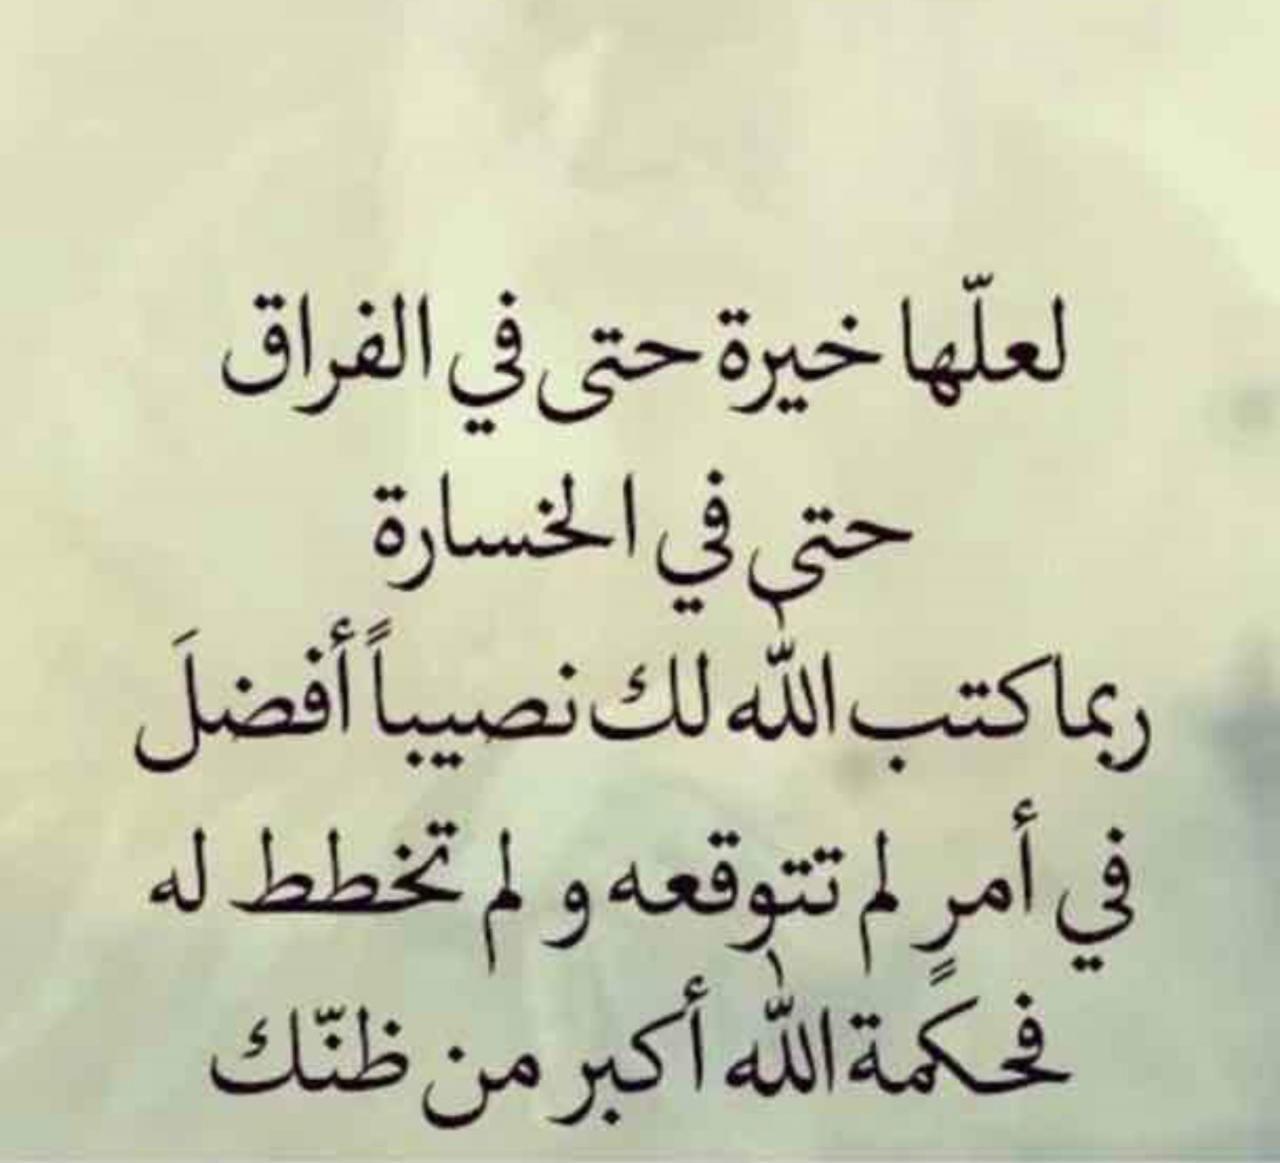 صورة كلام عن الحياة فيس بوك ,. اجمل كلمات وعبارات عن الحياه 13330 2